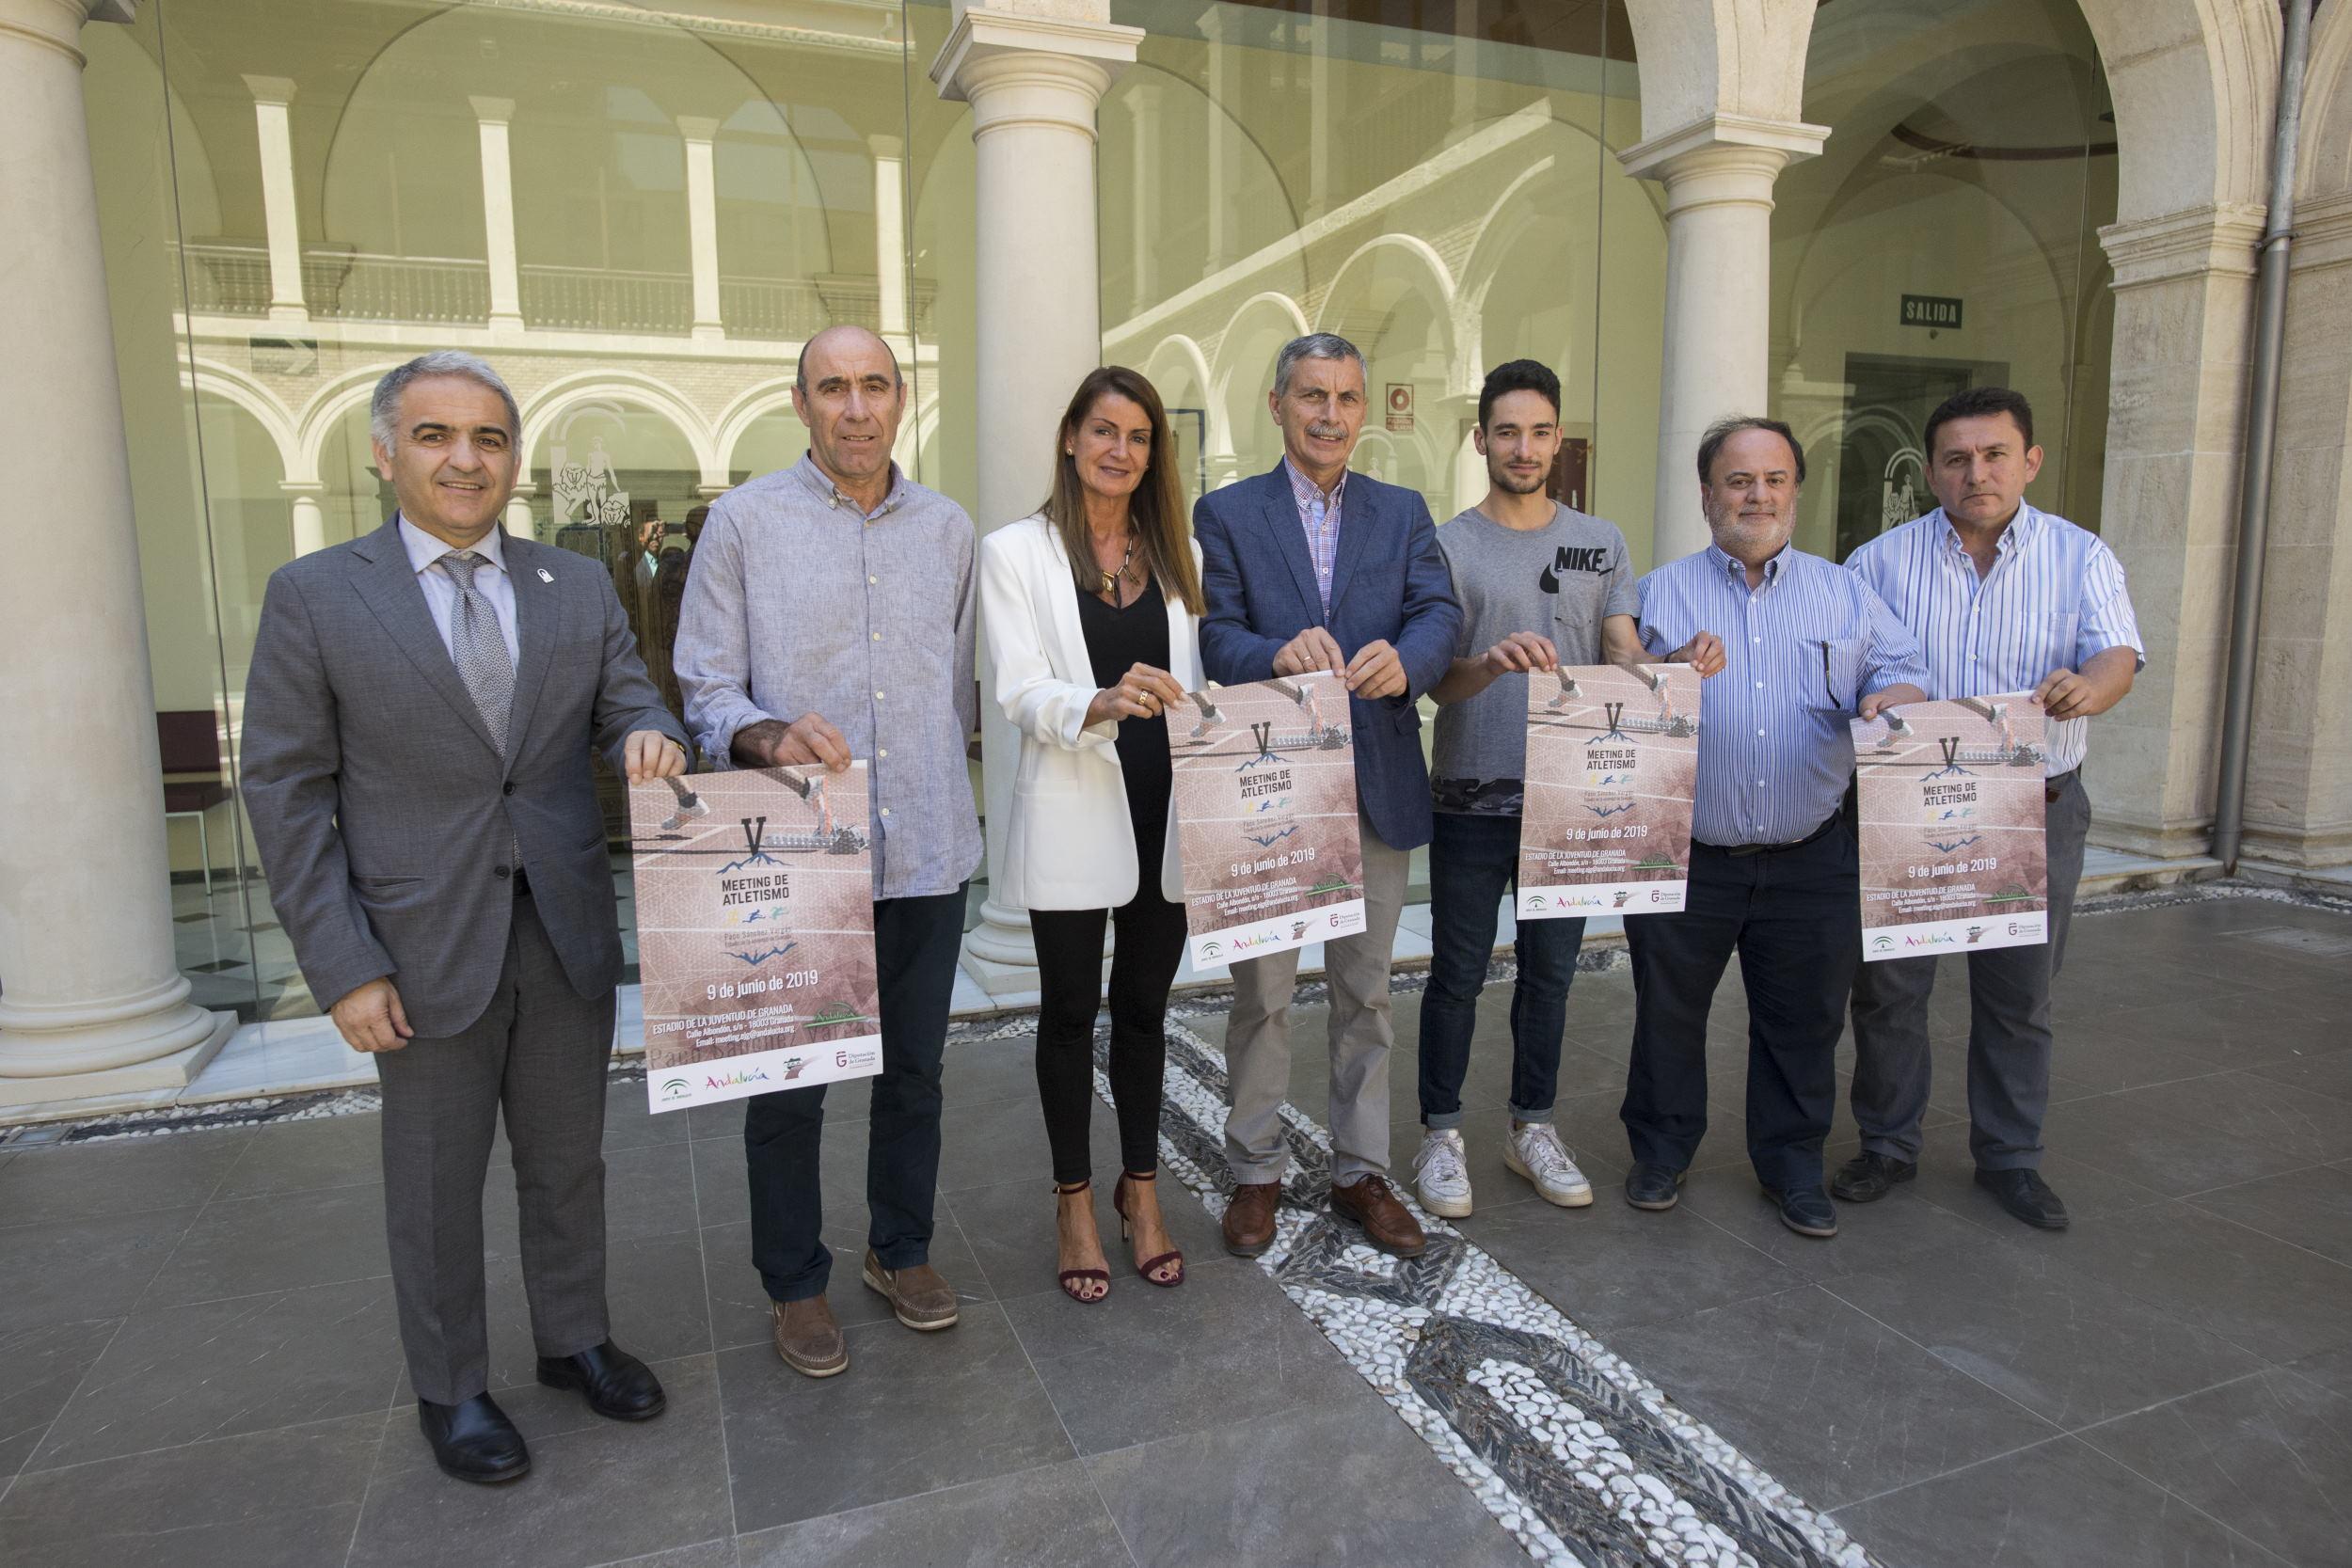 Cerca de 600 atletas participarán en Granada en el V Meeting de Atletismo Paco Sánchez Vargas